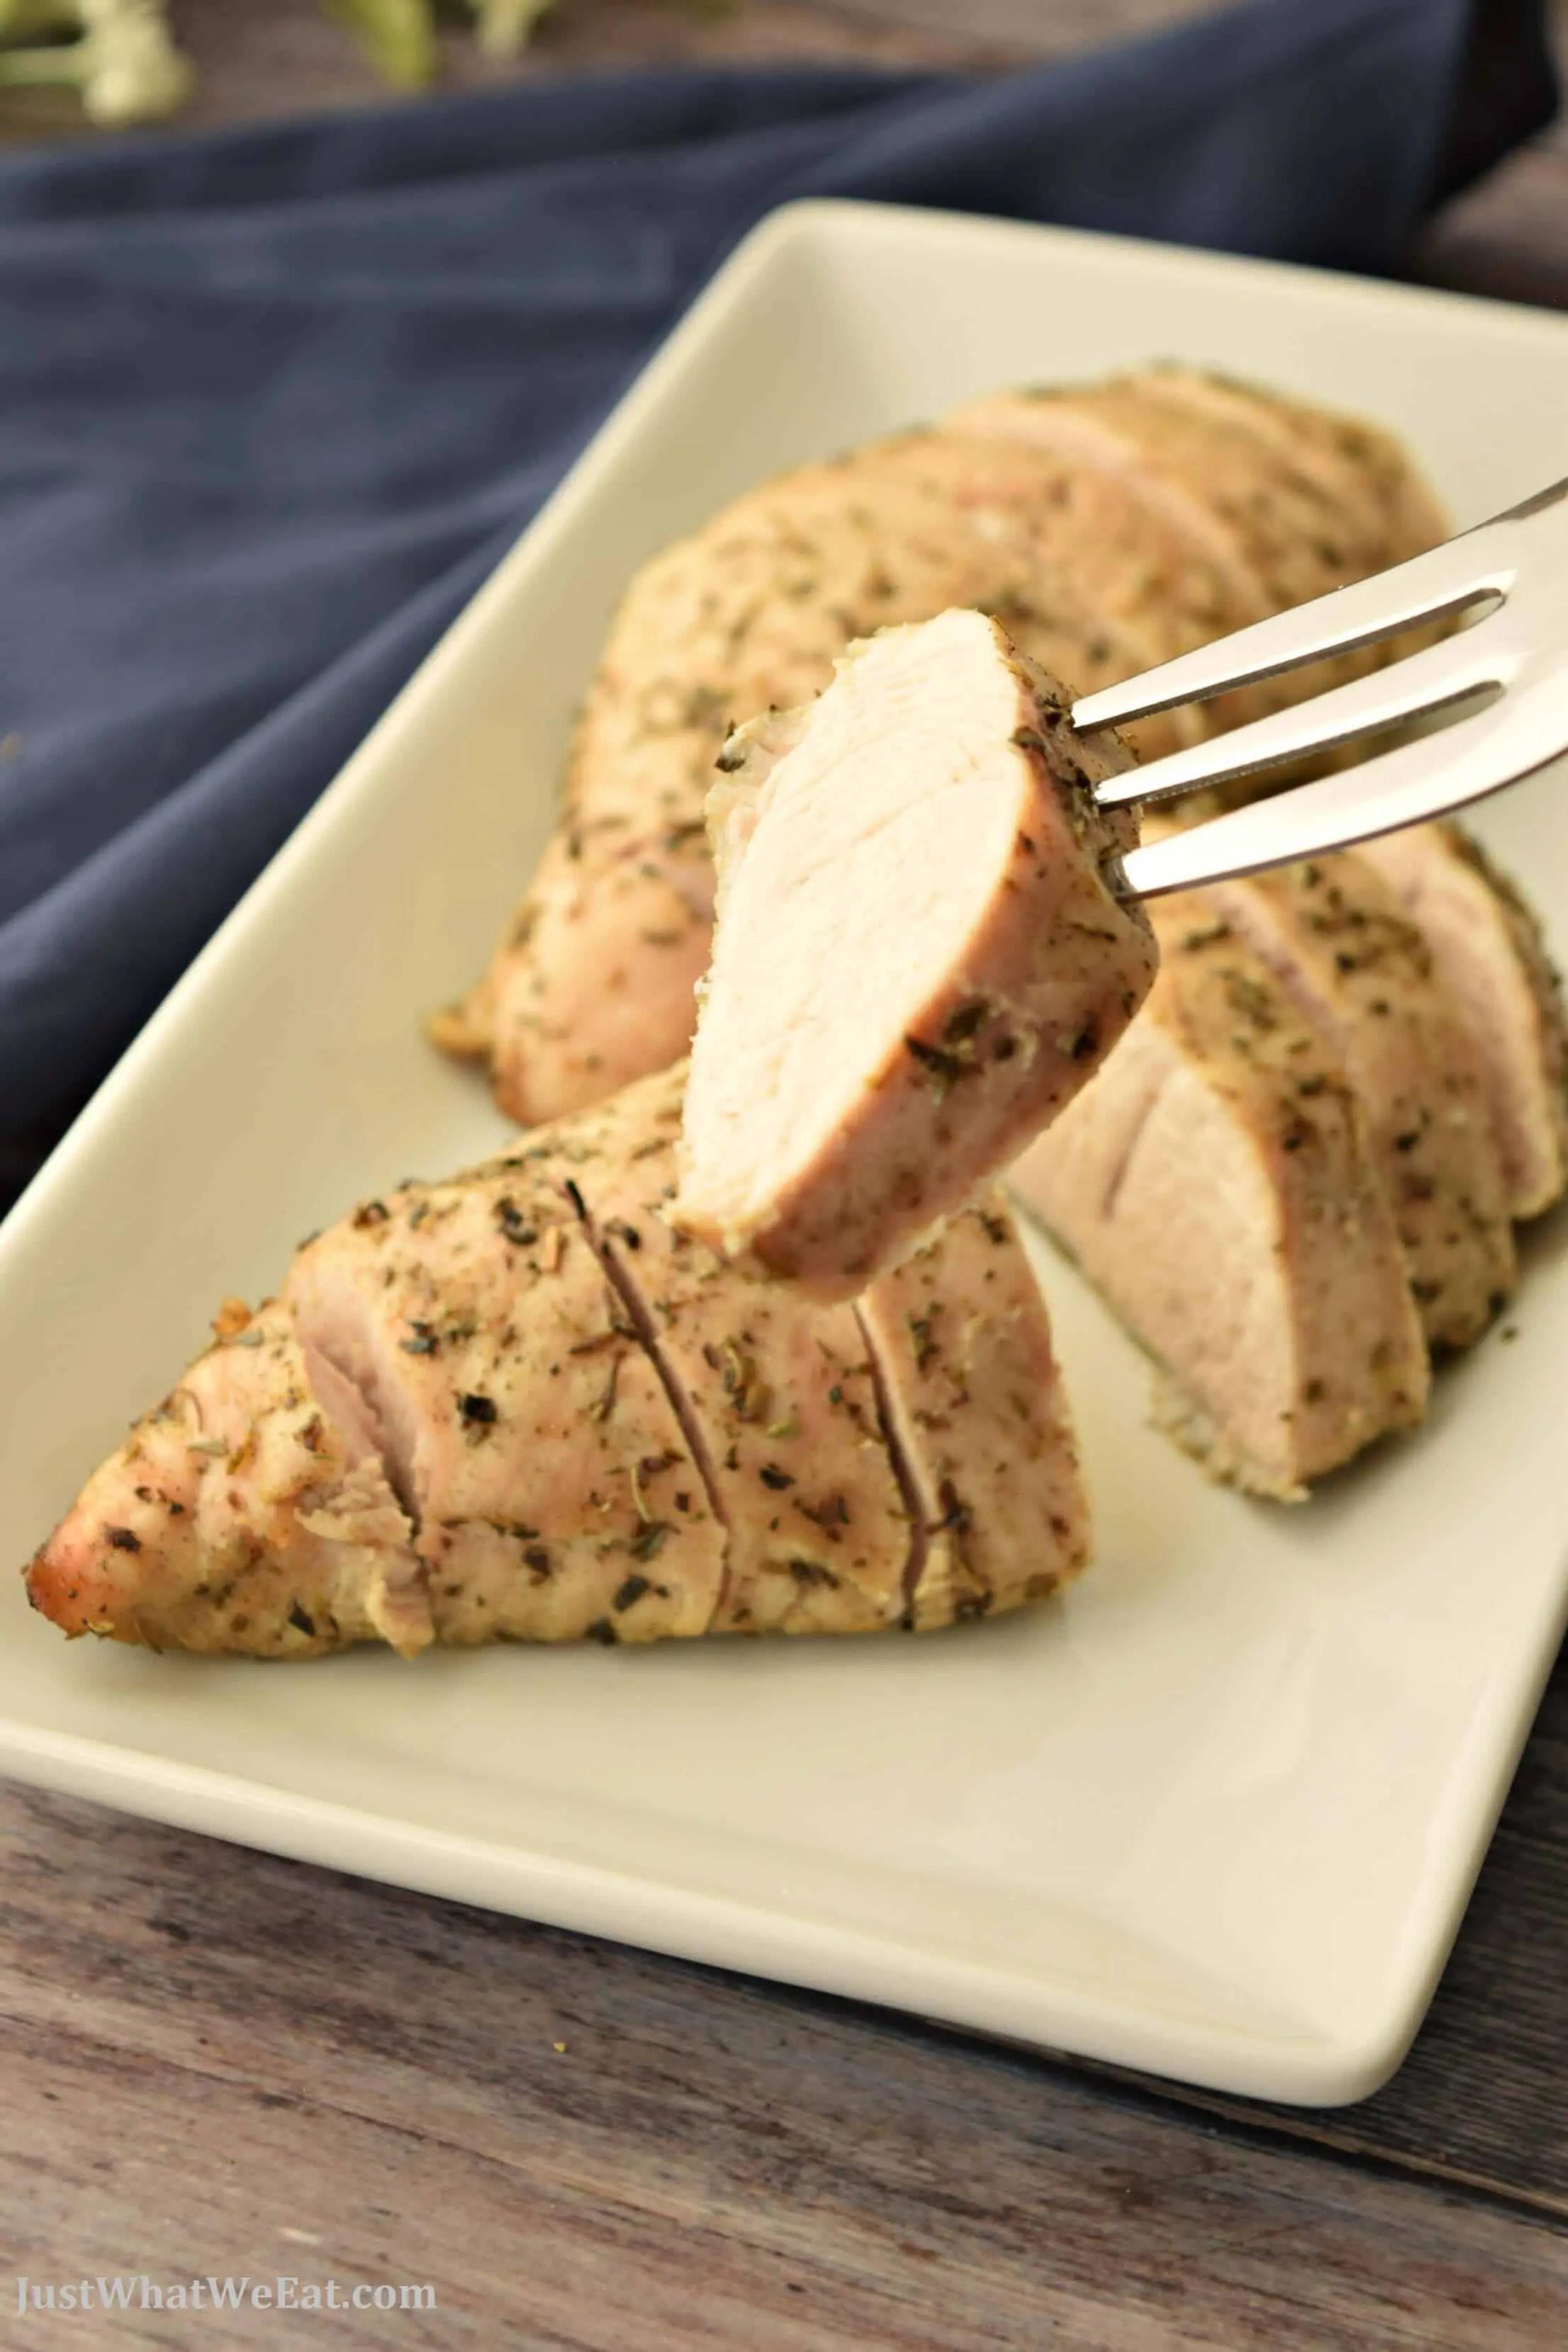 Oven Roasted Turkey Tenderloin - Gluten Free, Dairy Free